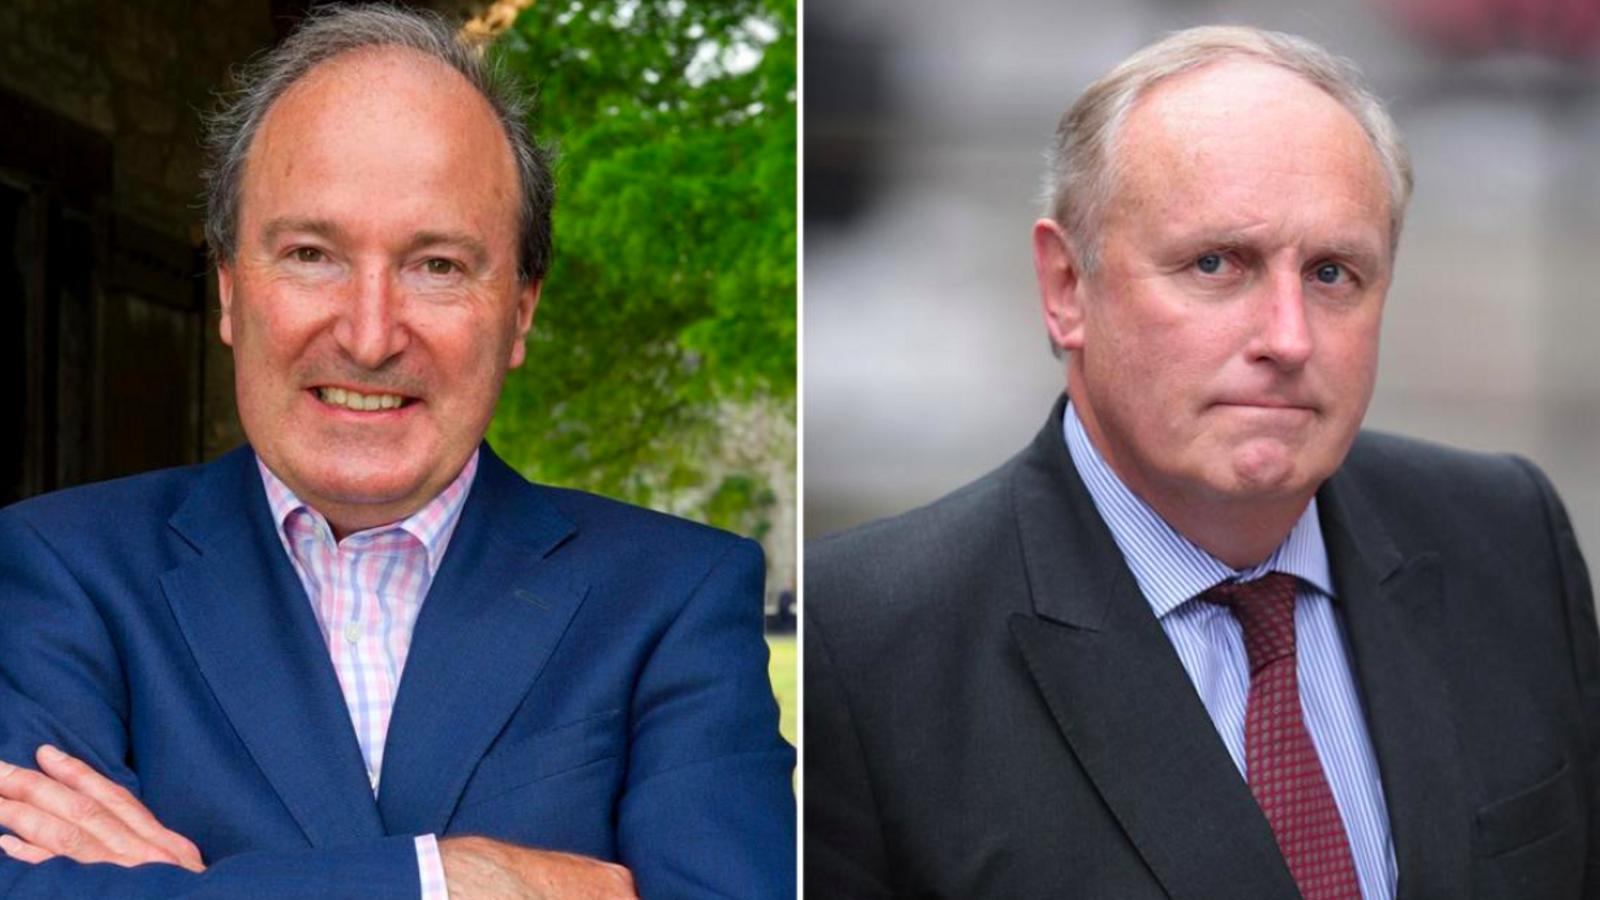 Charles Moore, a l'esquerra, i Paul Dacre, aspirants de Johnson als la BBC i l'OFCOM, respectivament